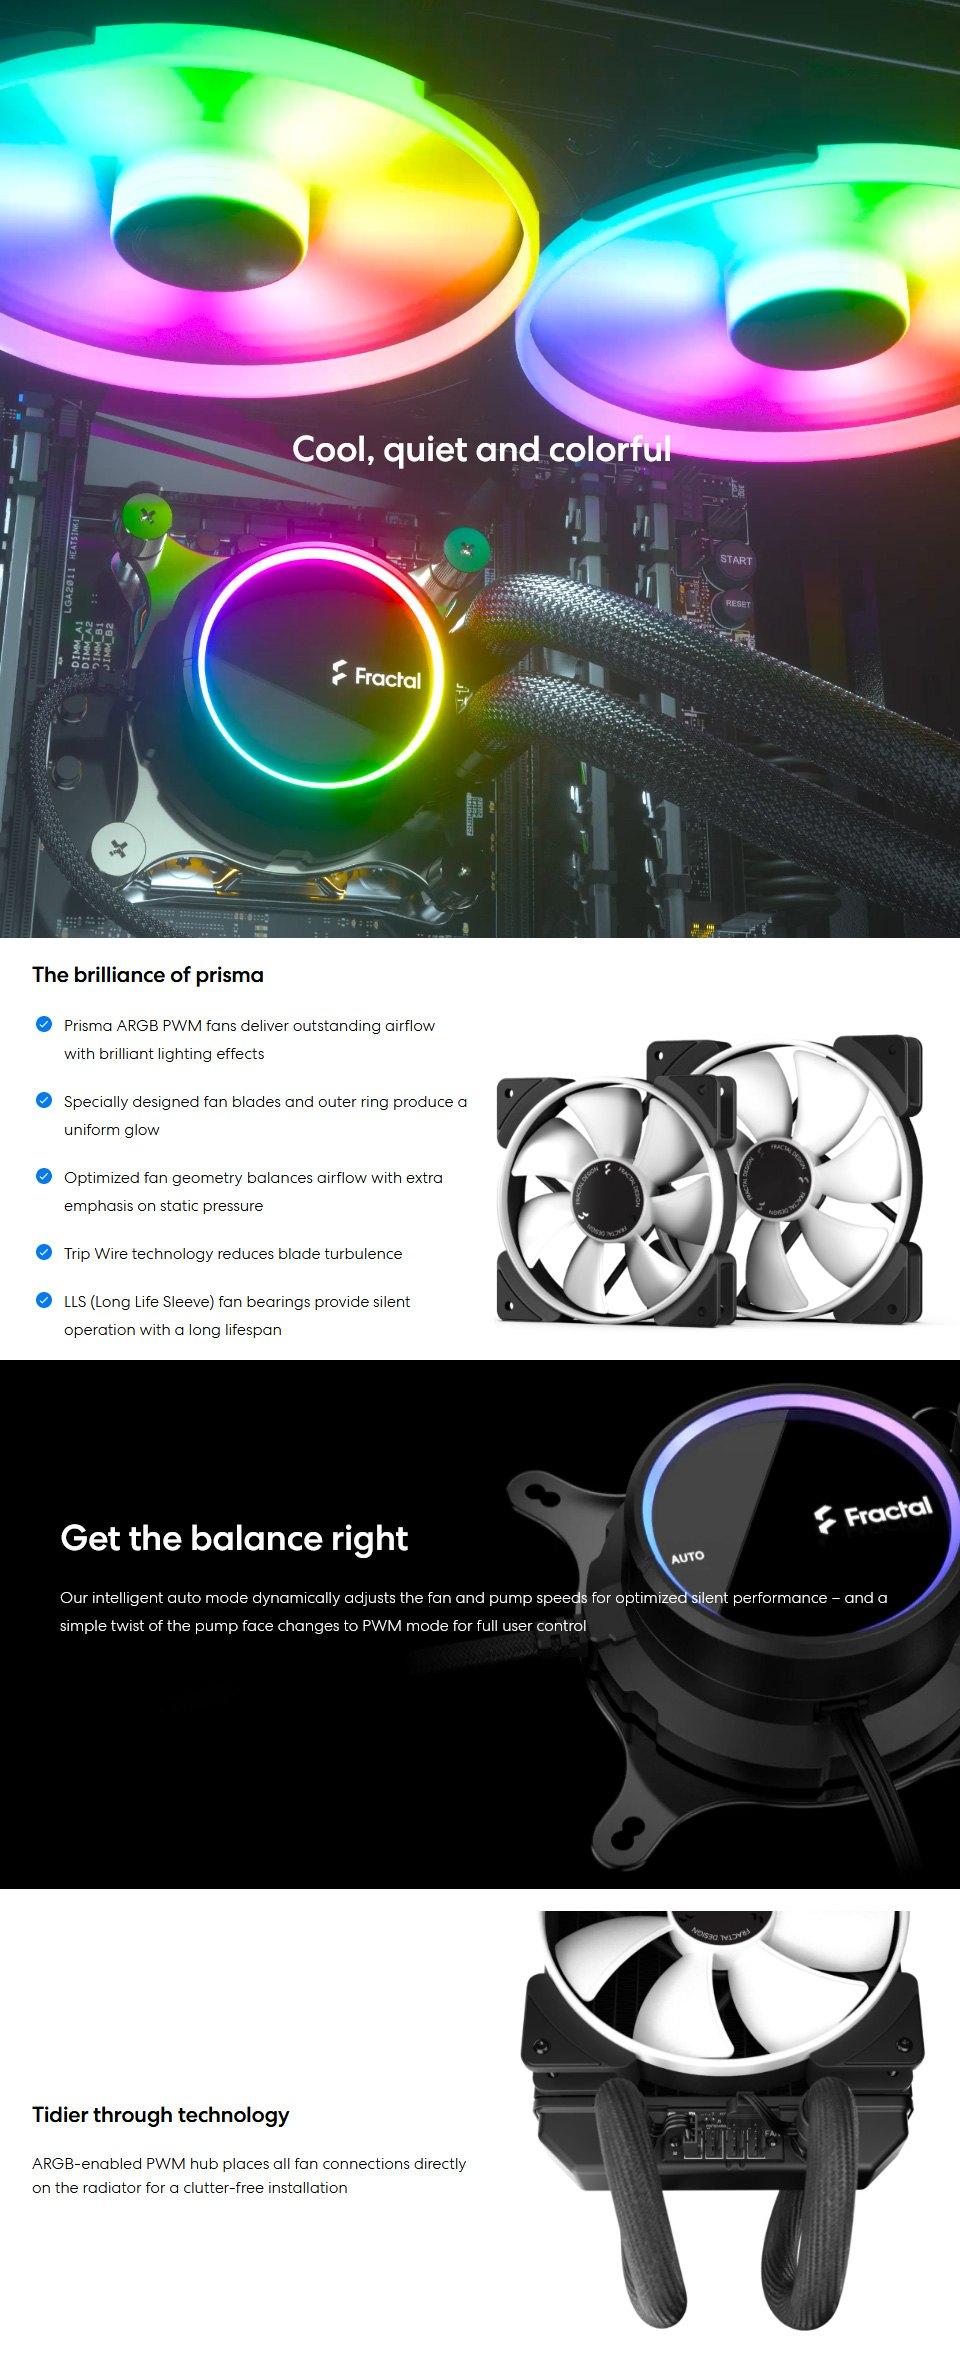 Fractal Design Celsius+ S24 Prisma 240mm Liquid CPU Cooler features